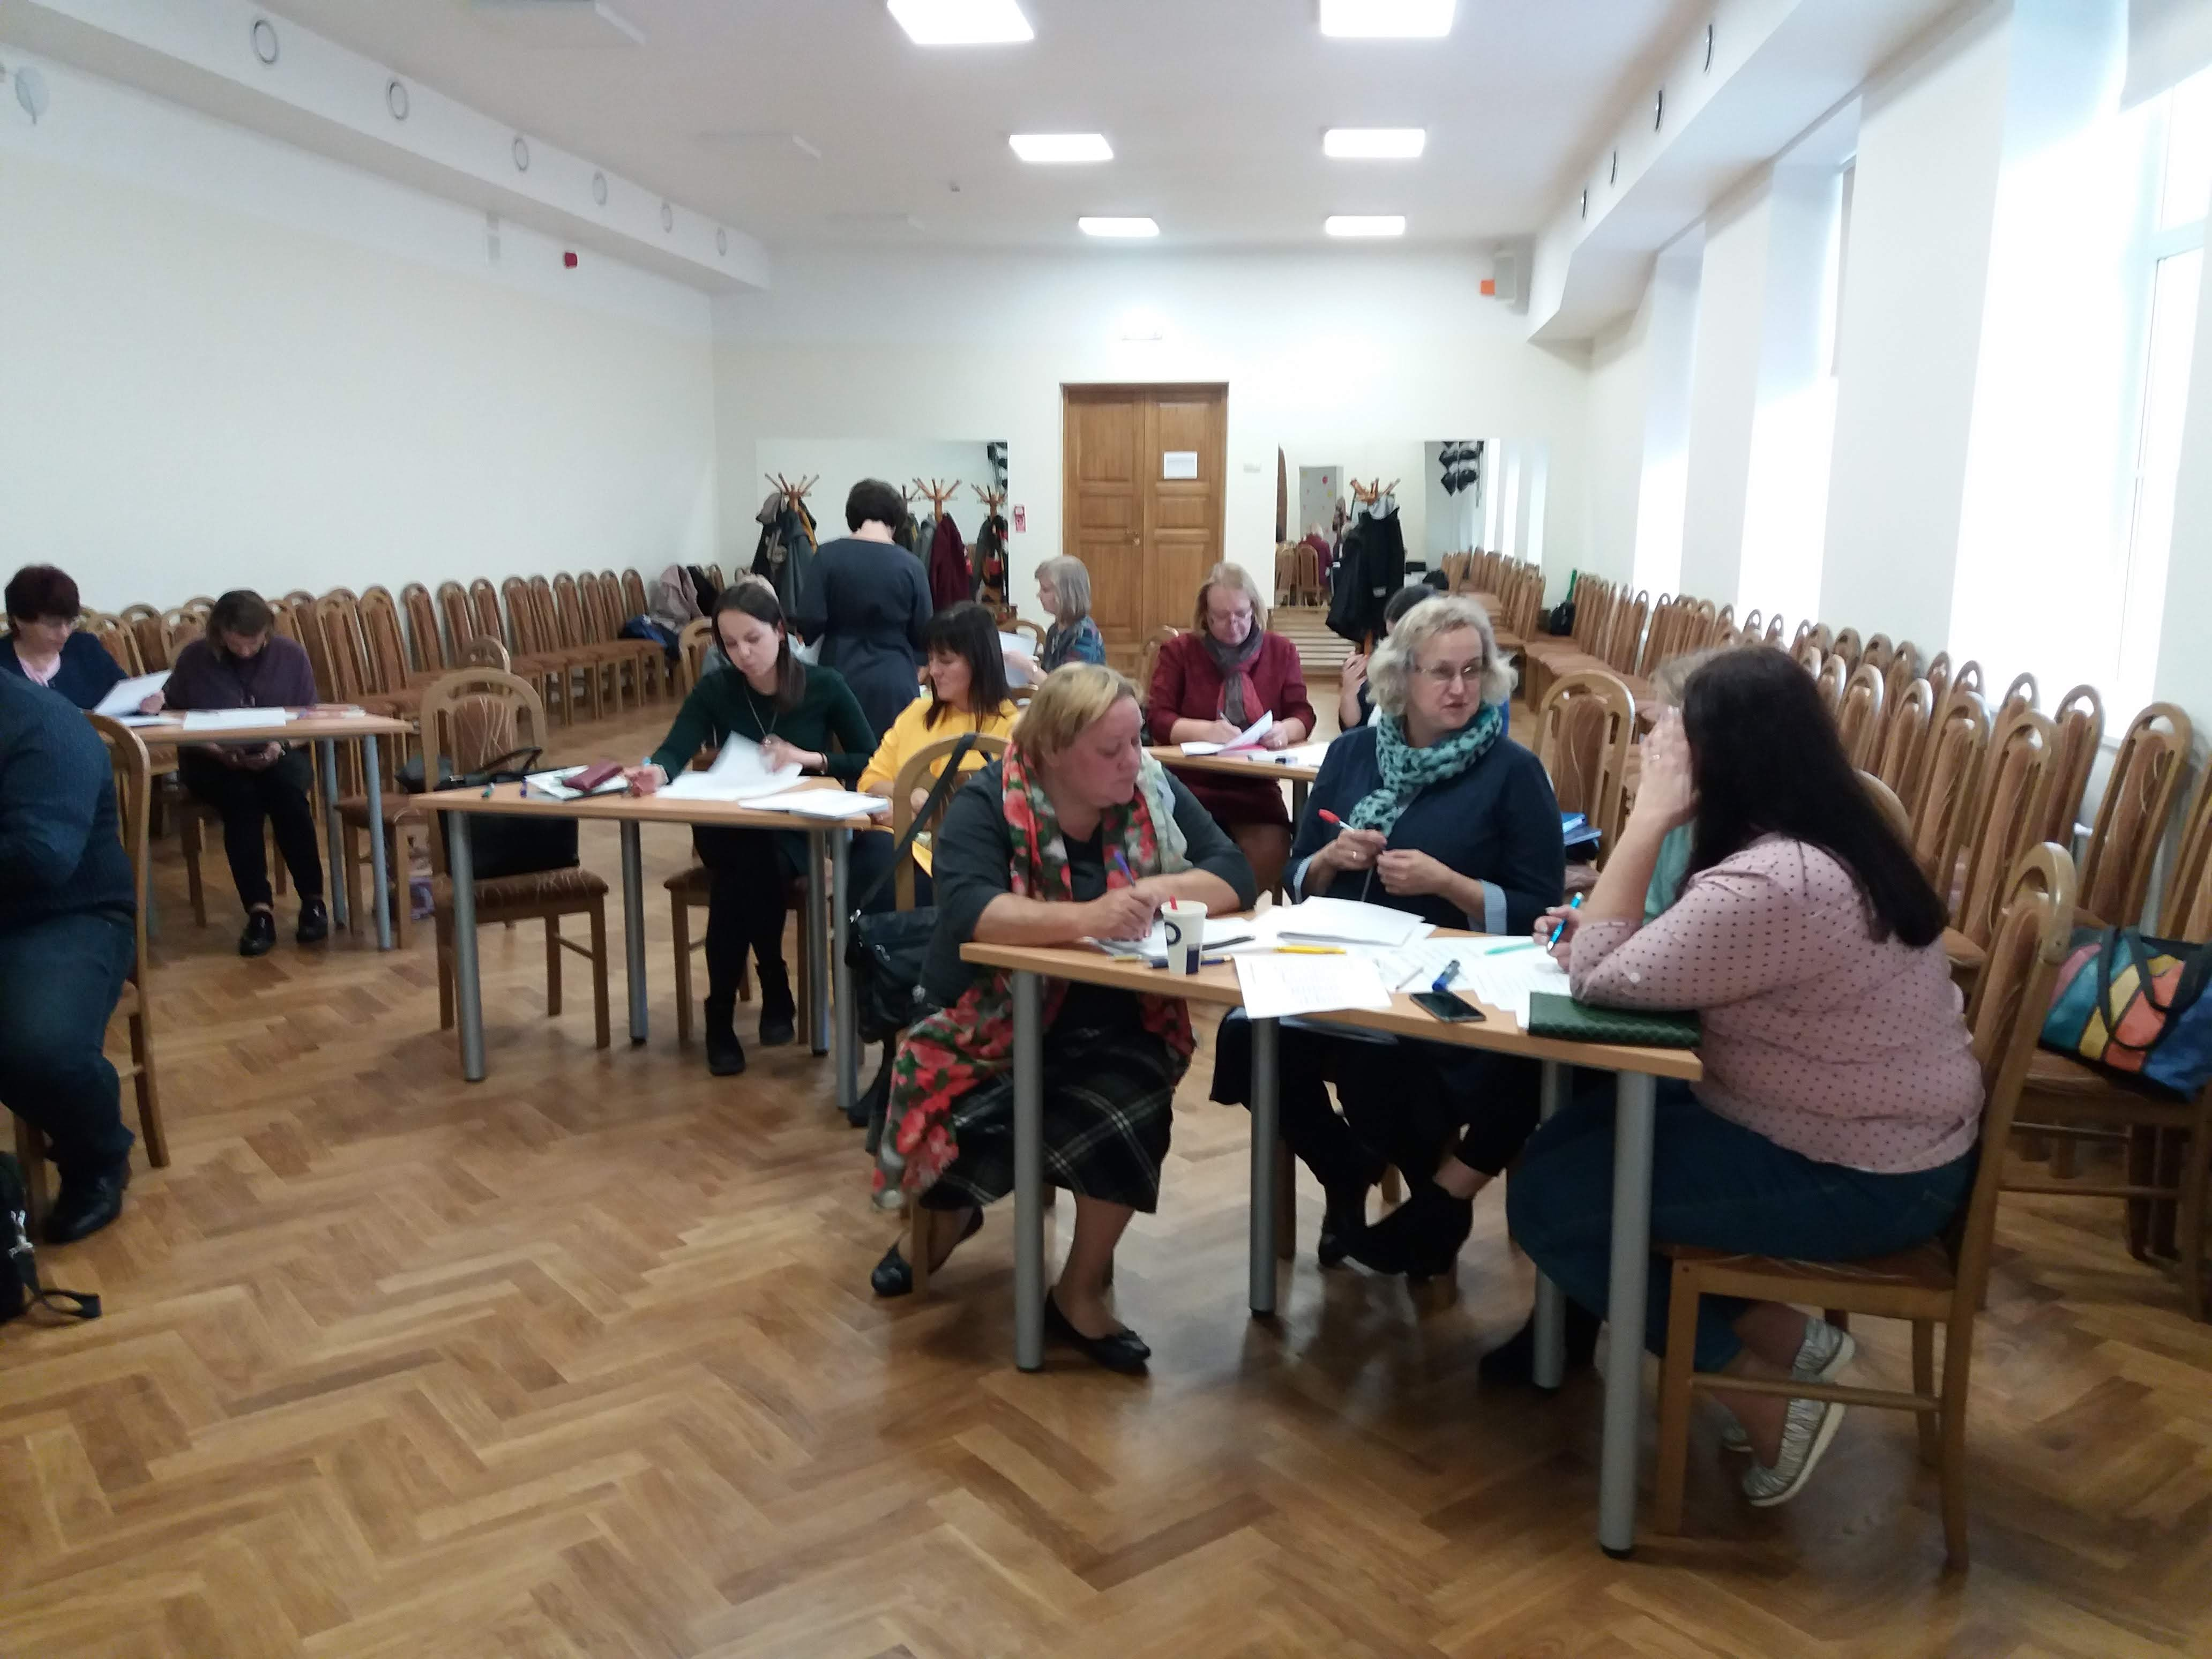 Atsākas atbalsta programma jaunajiem skolotājiem